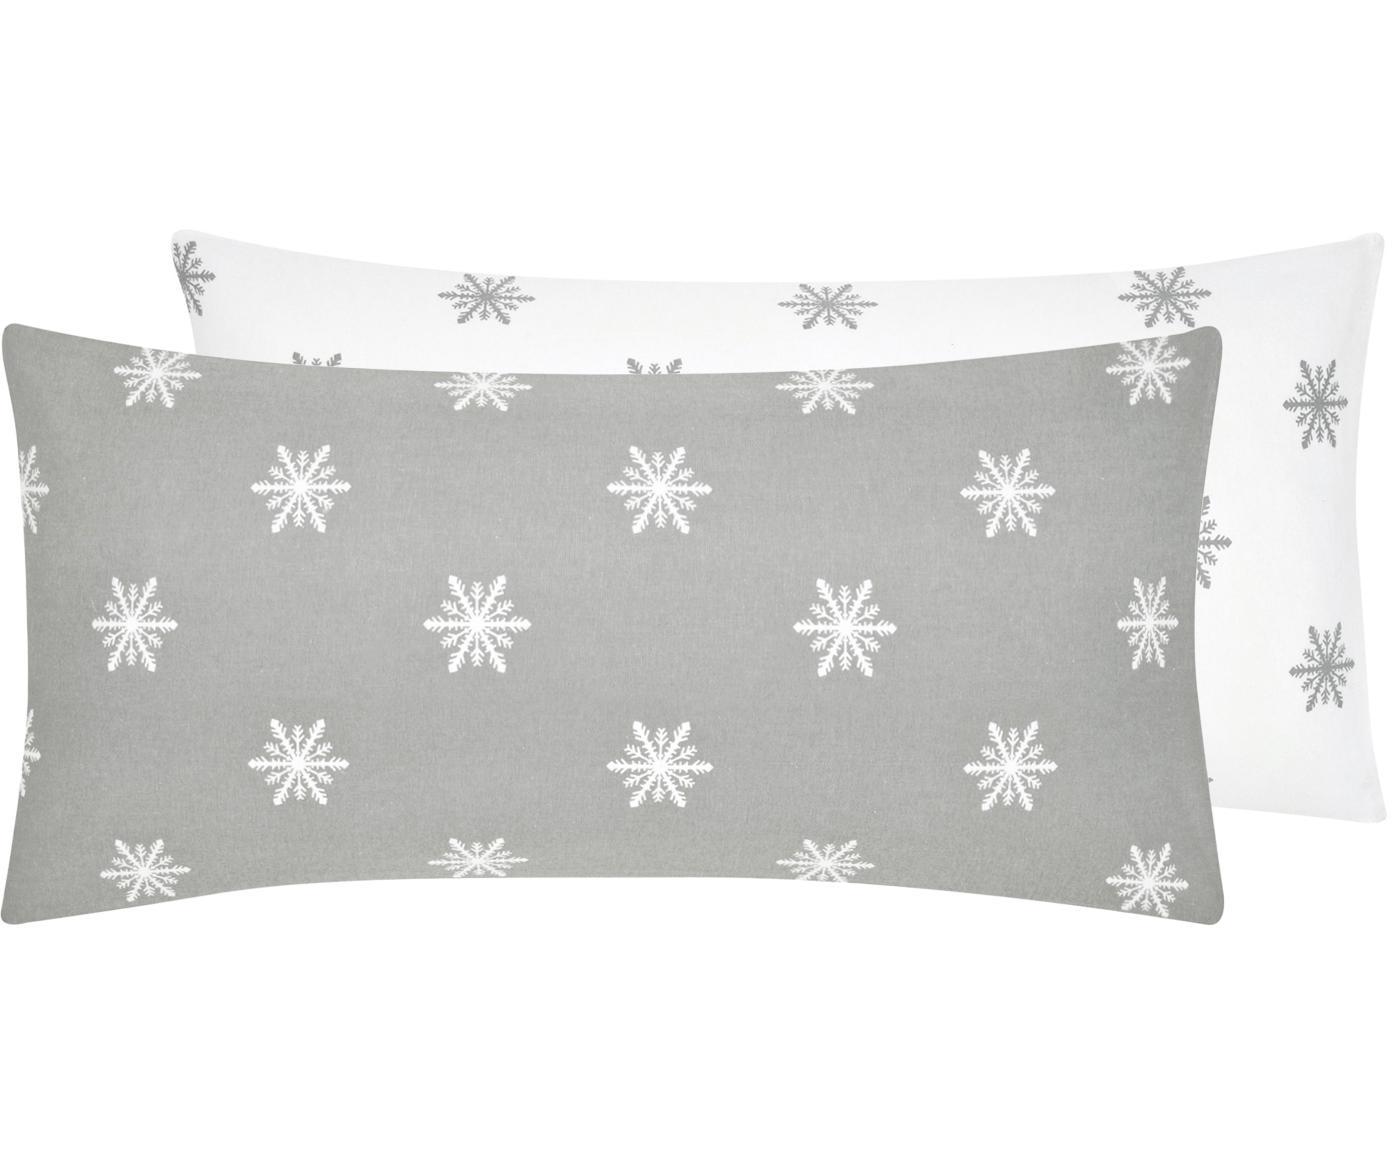 Flanell-Wendekissenbezüge Alba mit Schneeflocken, 2 Stück, Webart: Flanell Flanell ist ein s, Hellgrau, Weißweiß, 40 x 80 cm